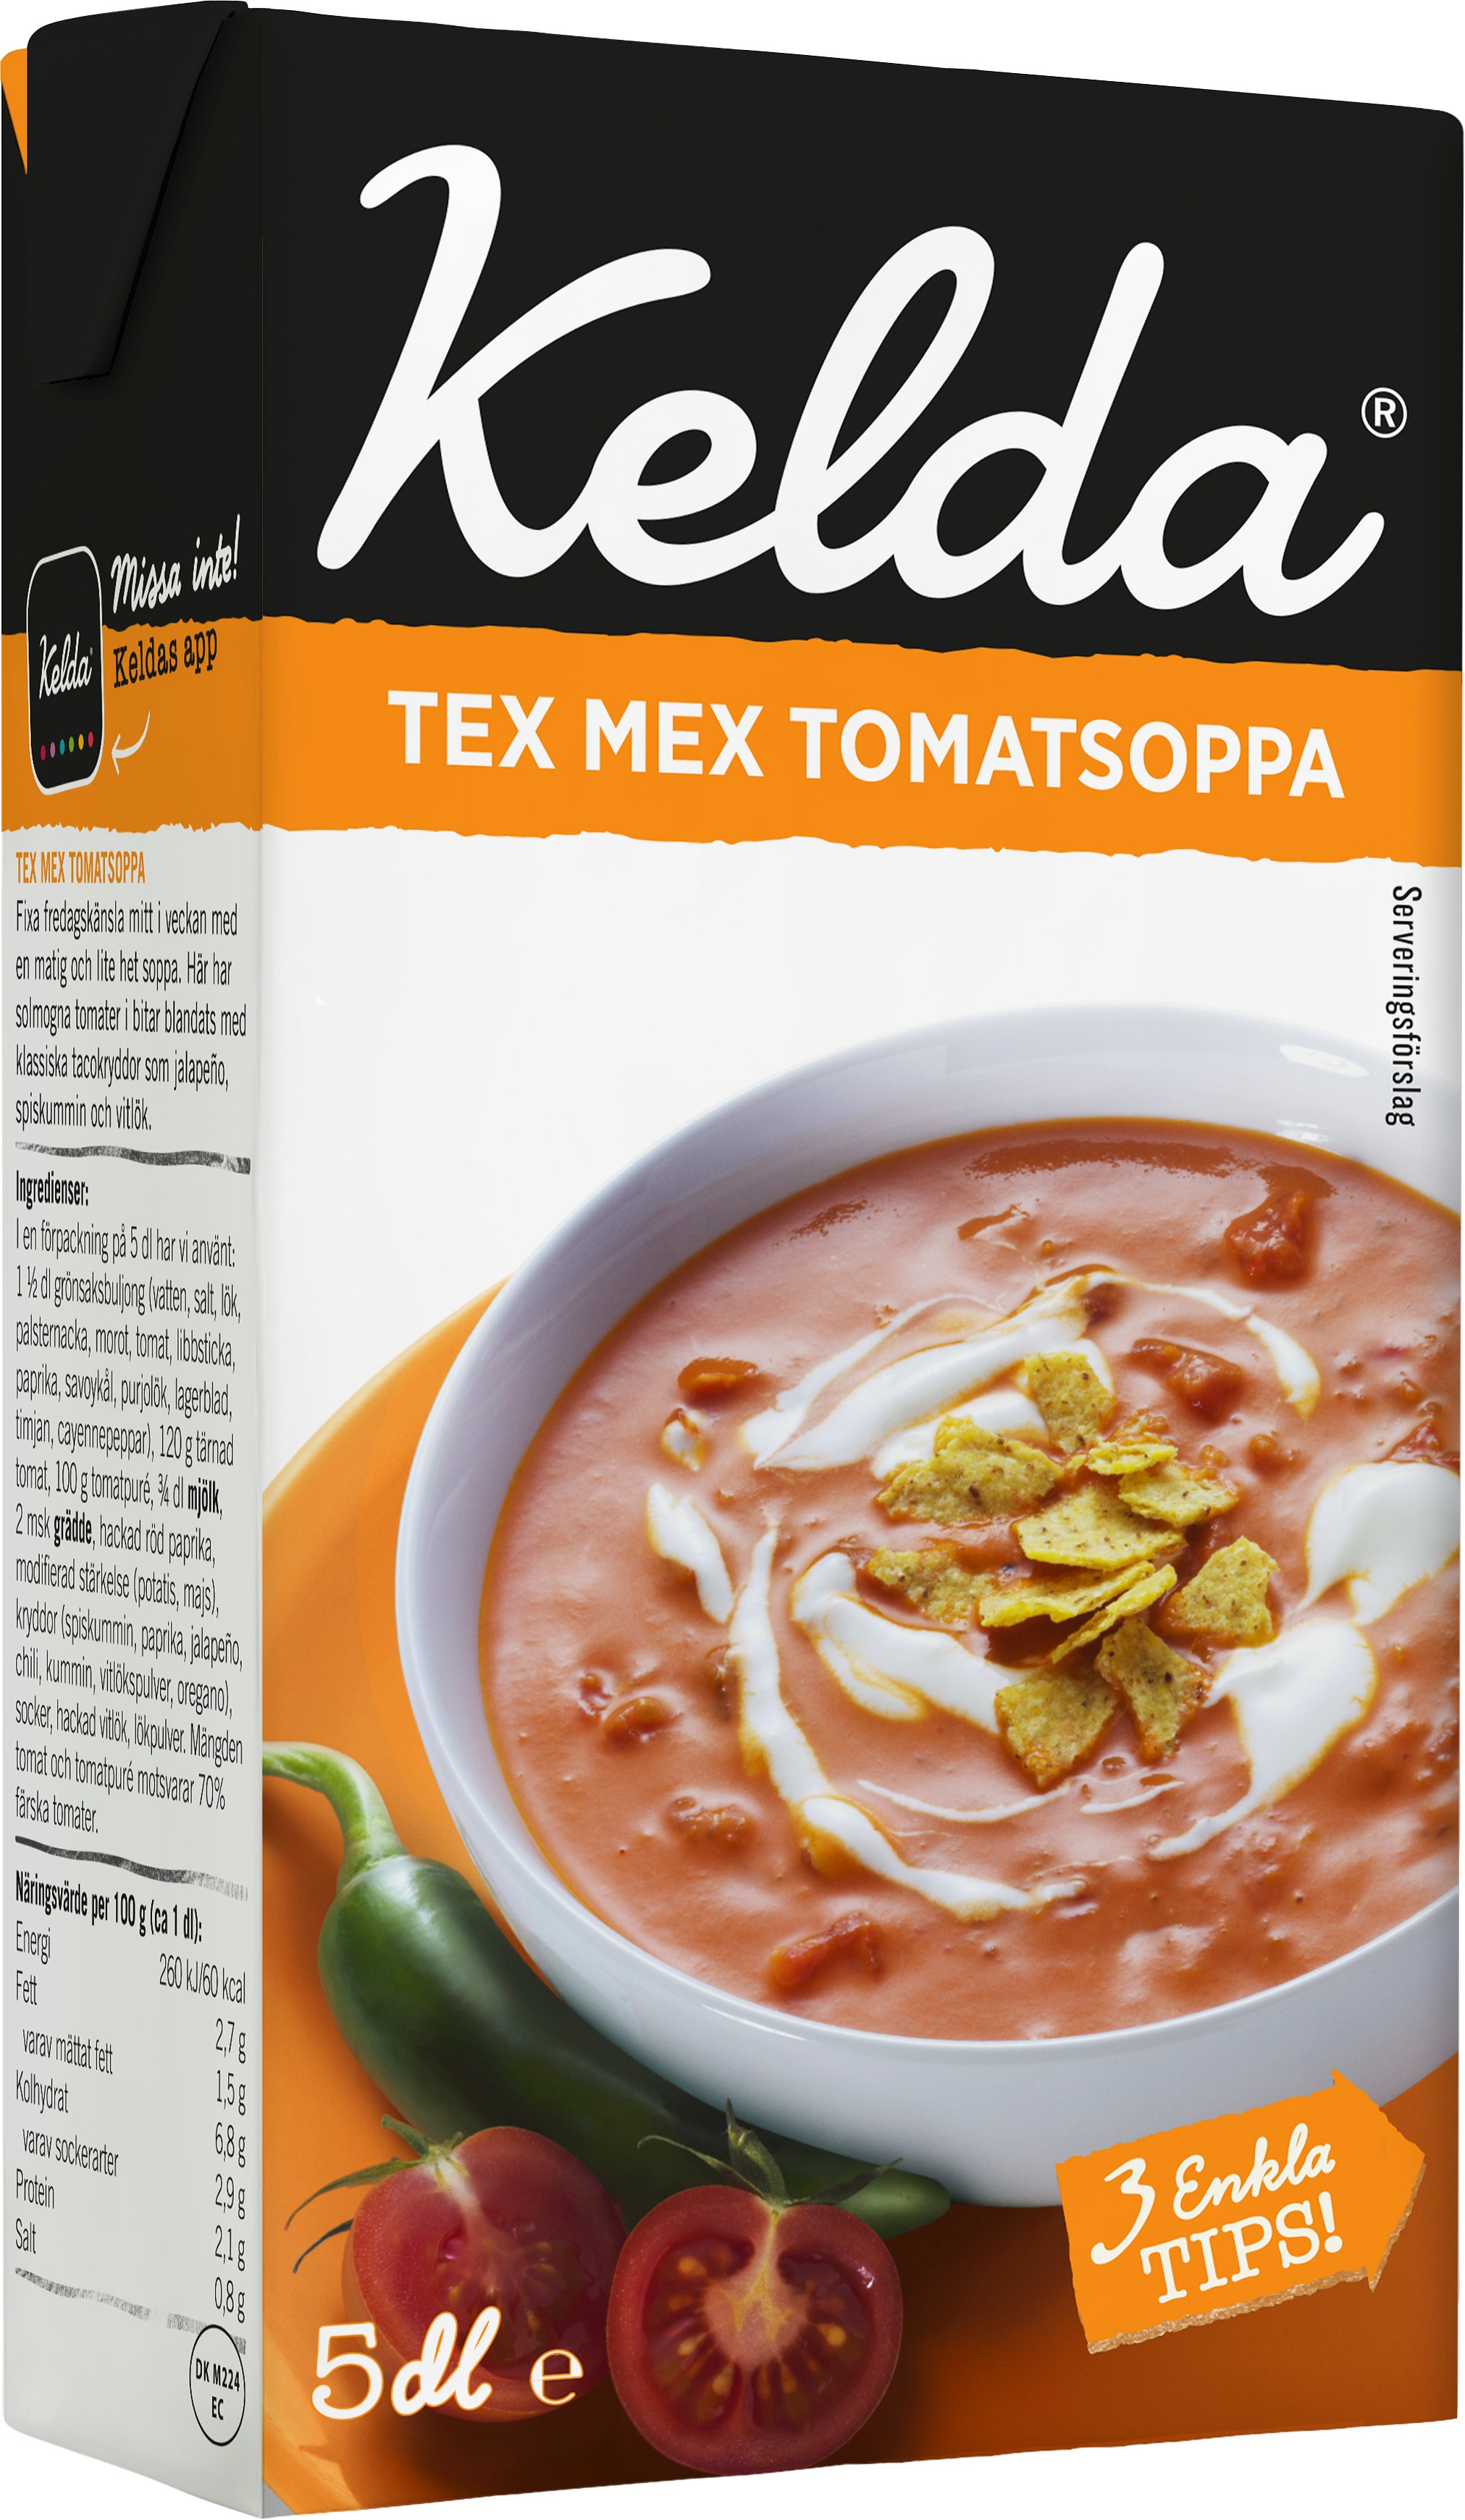 Tex Mex tomatsoppa